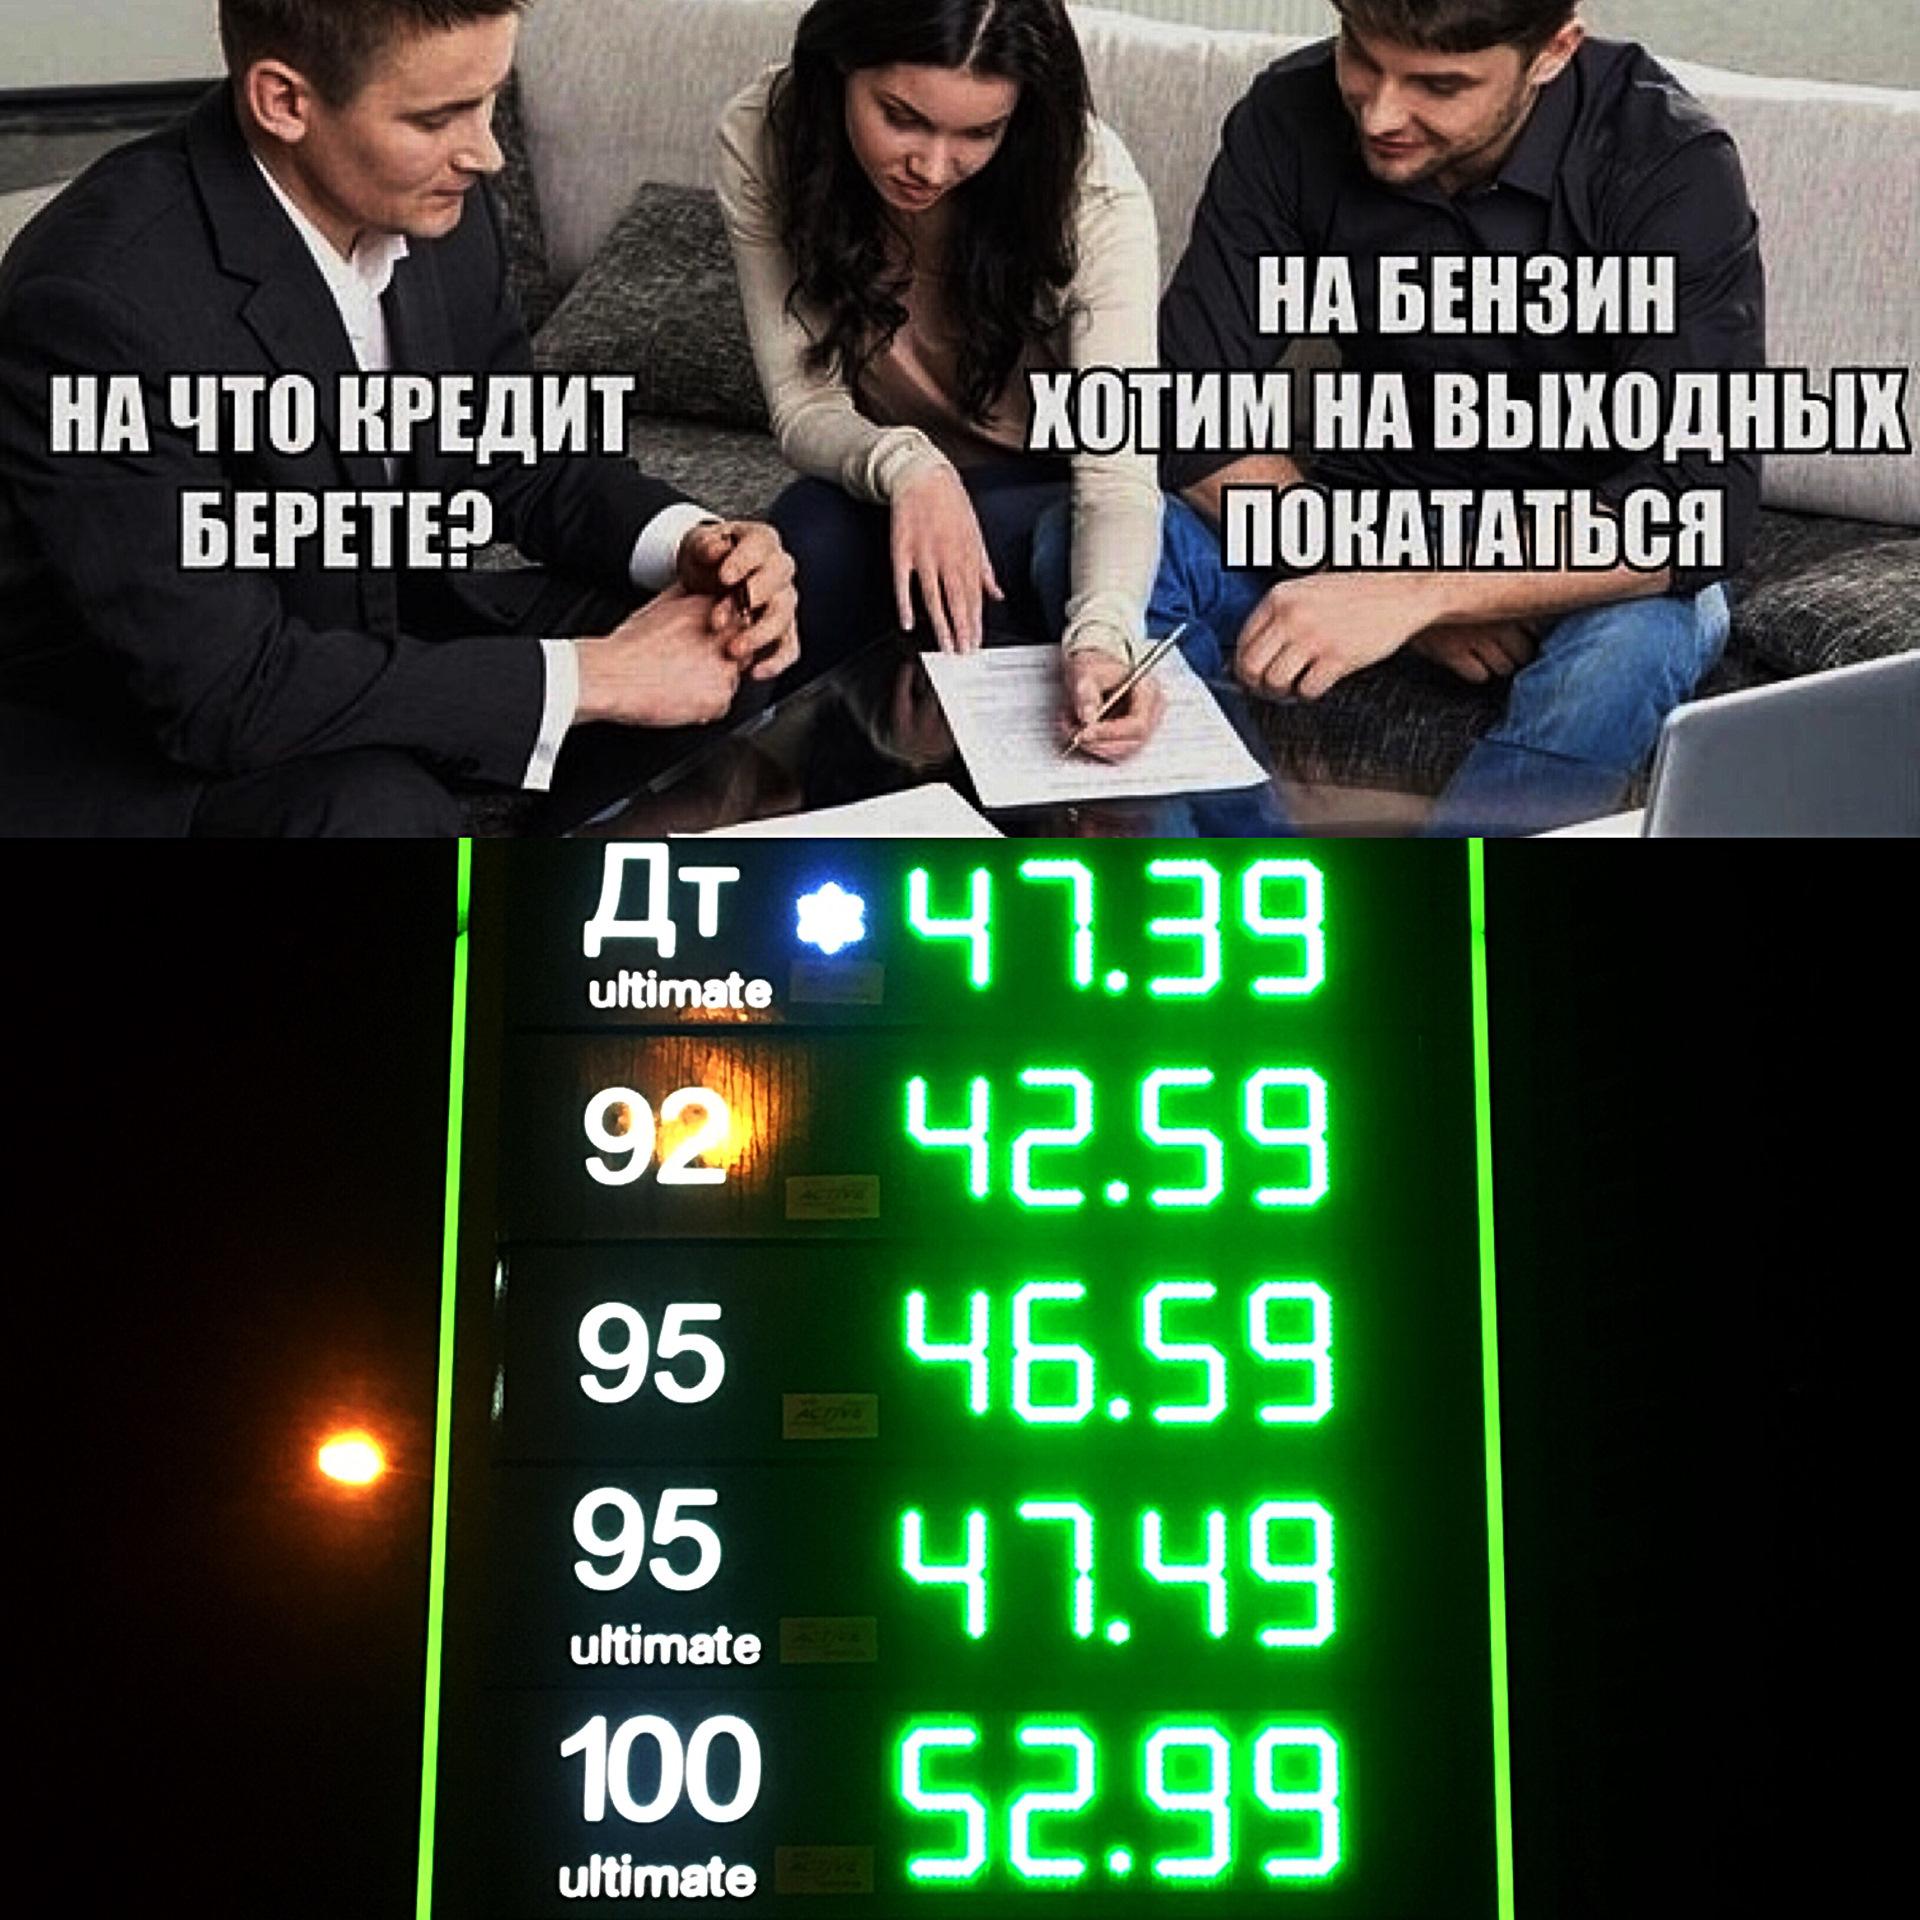 На что кредит берете на бензин